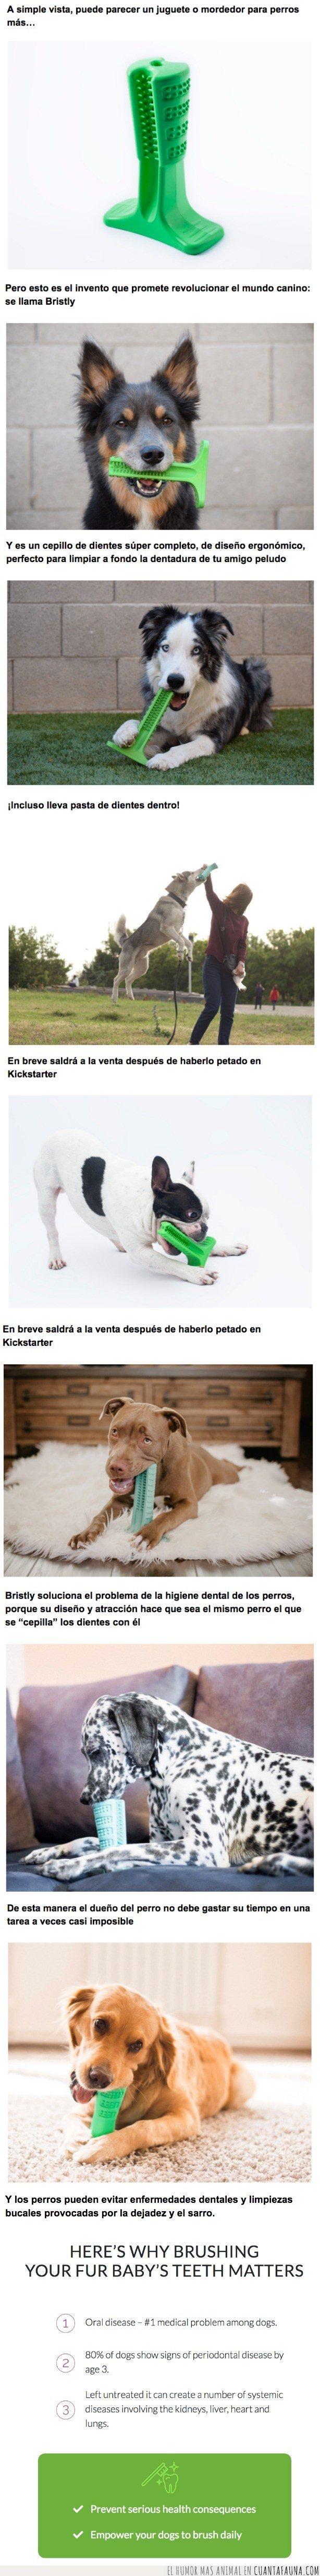 BRISTLY,CEPILLO DE DIENTES,PERRO